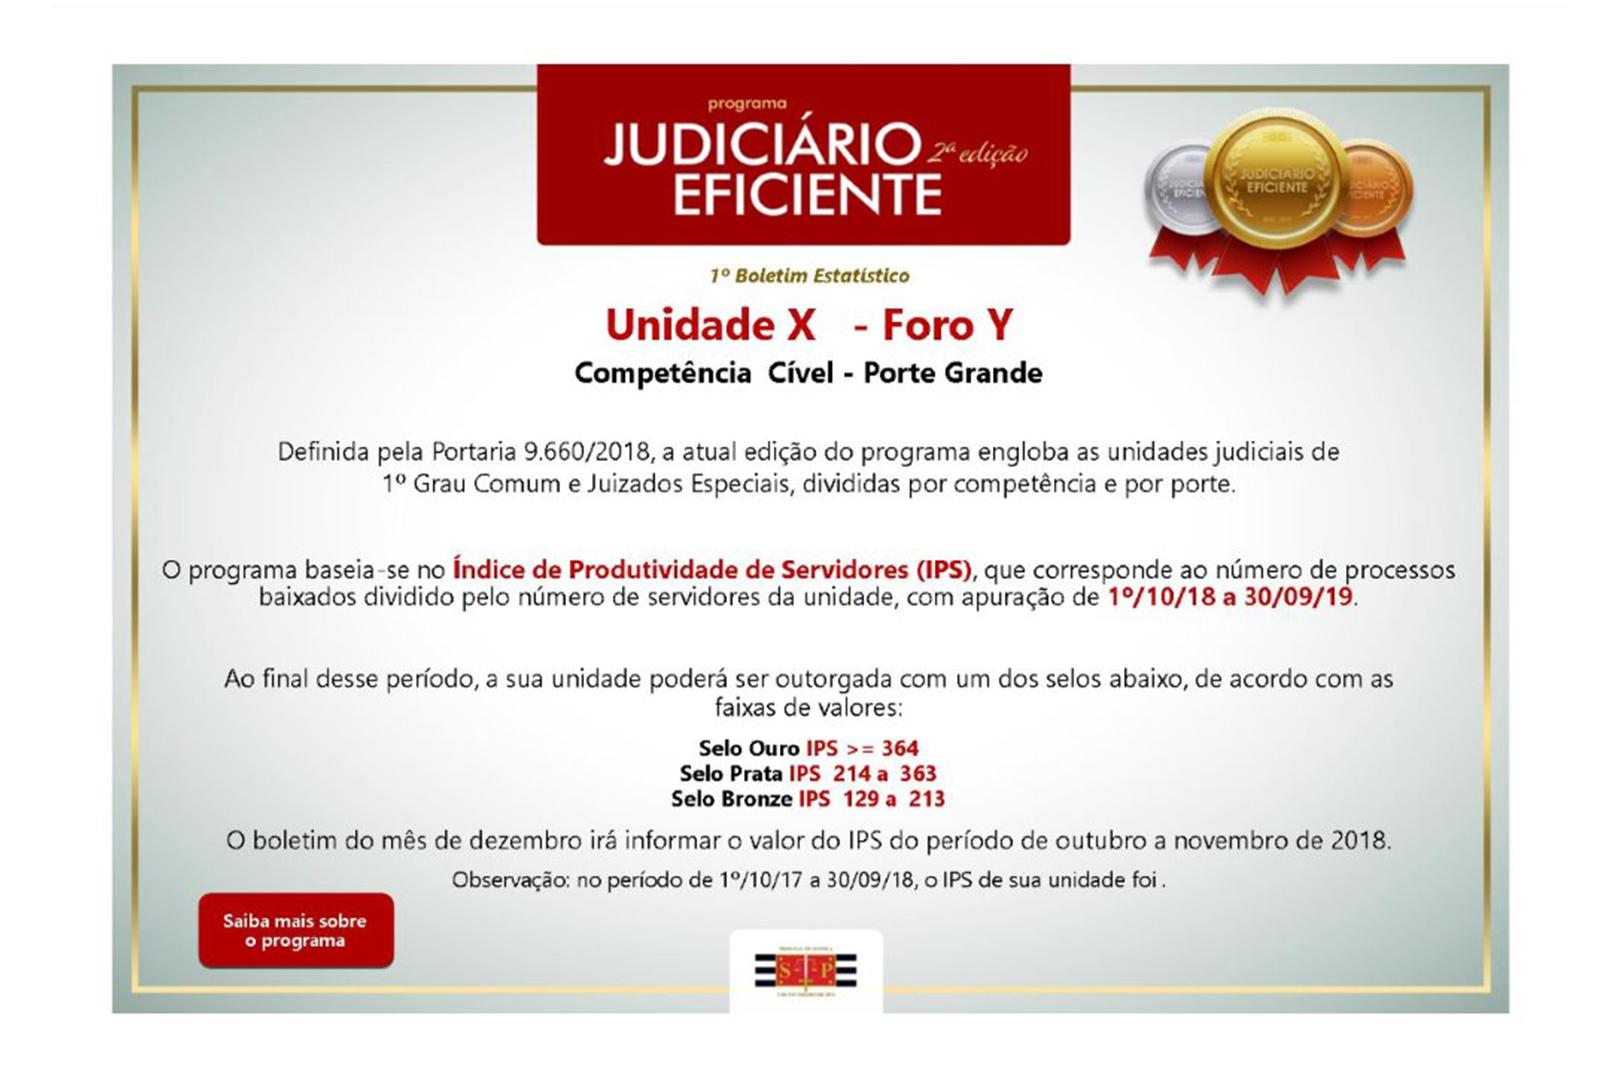 Programa  Judiciário Eficiente avalia unidades em busca de excelência de gestão